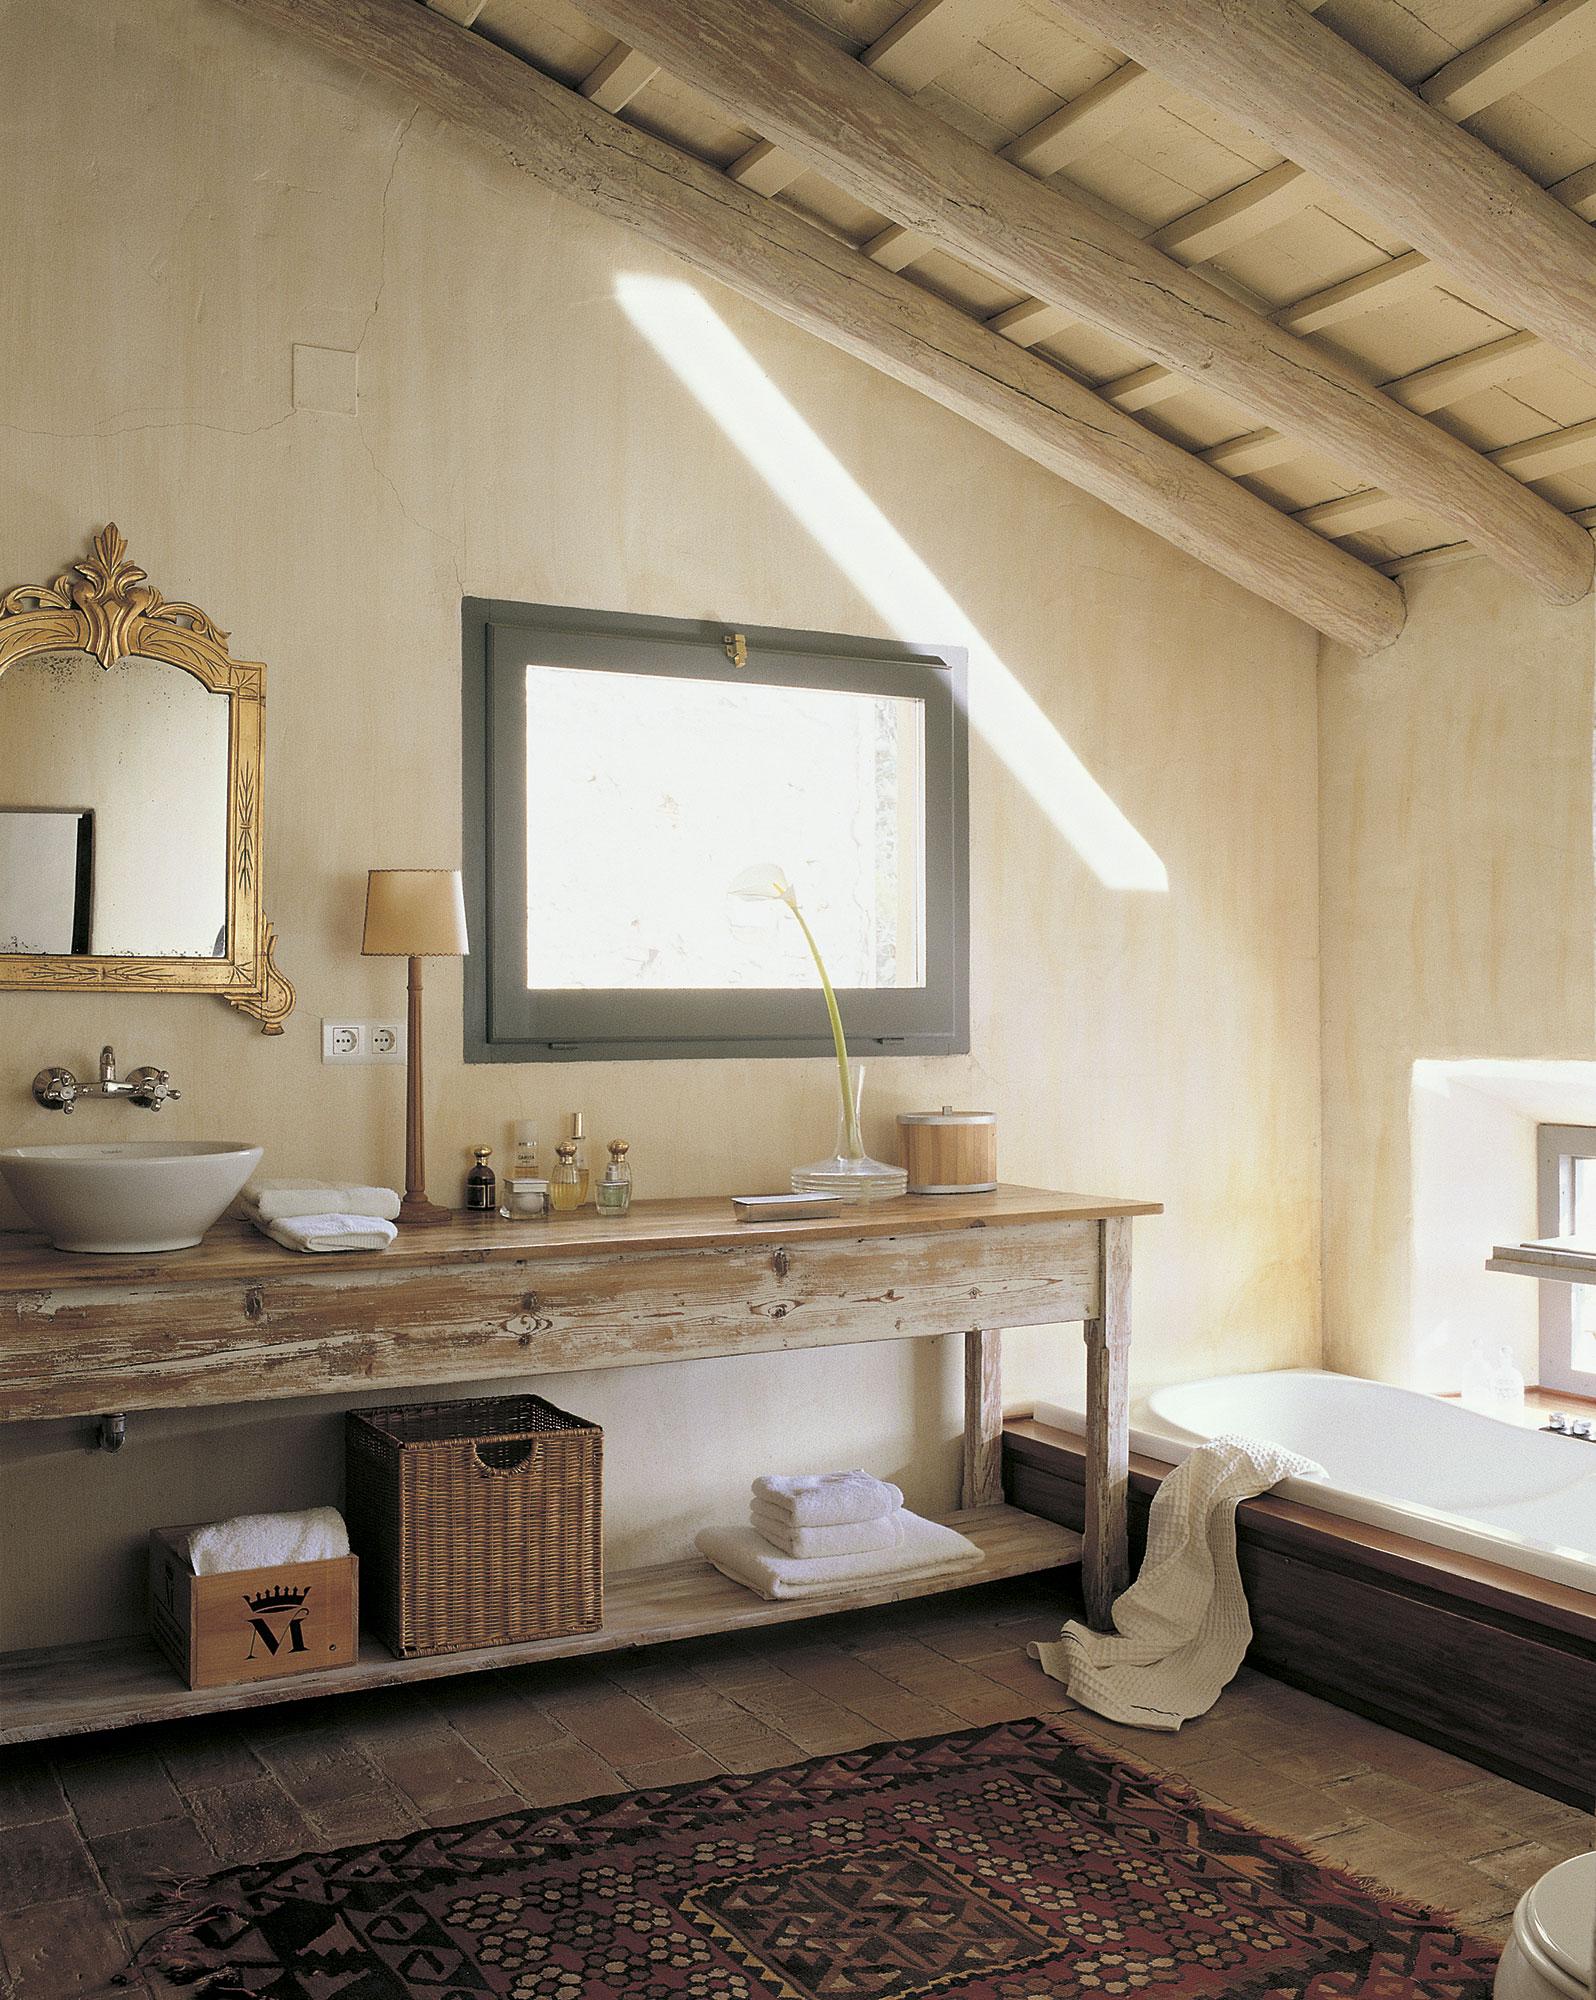 bano-rustico-con-mueble-de-almoneda_318c95b6